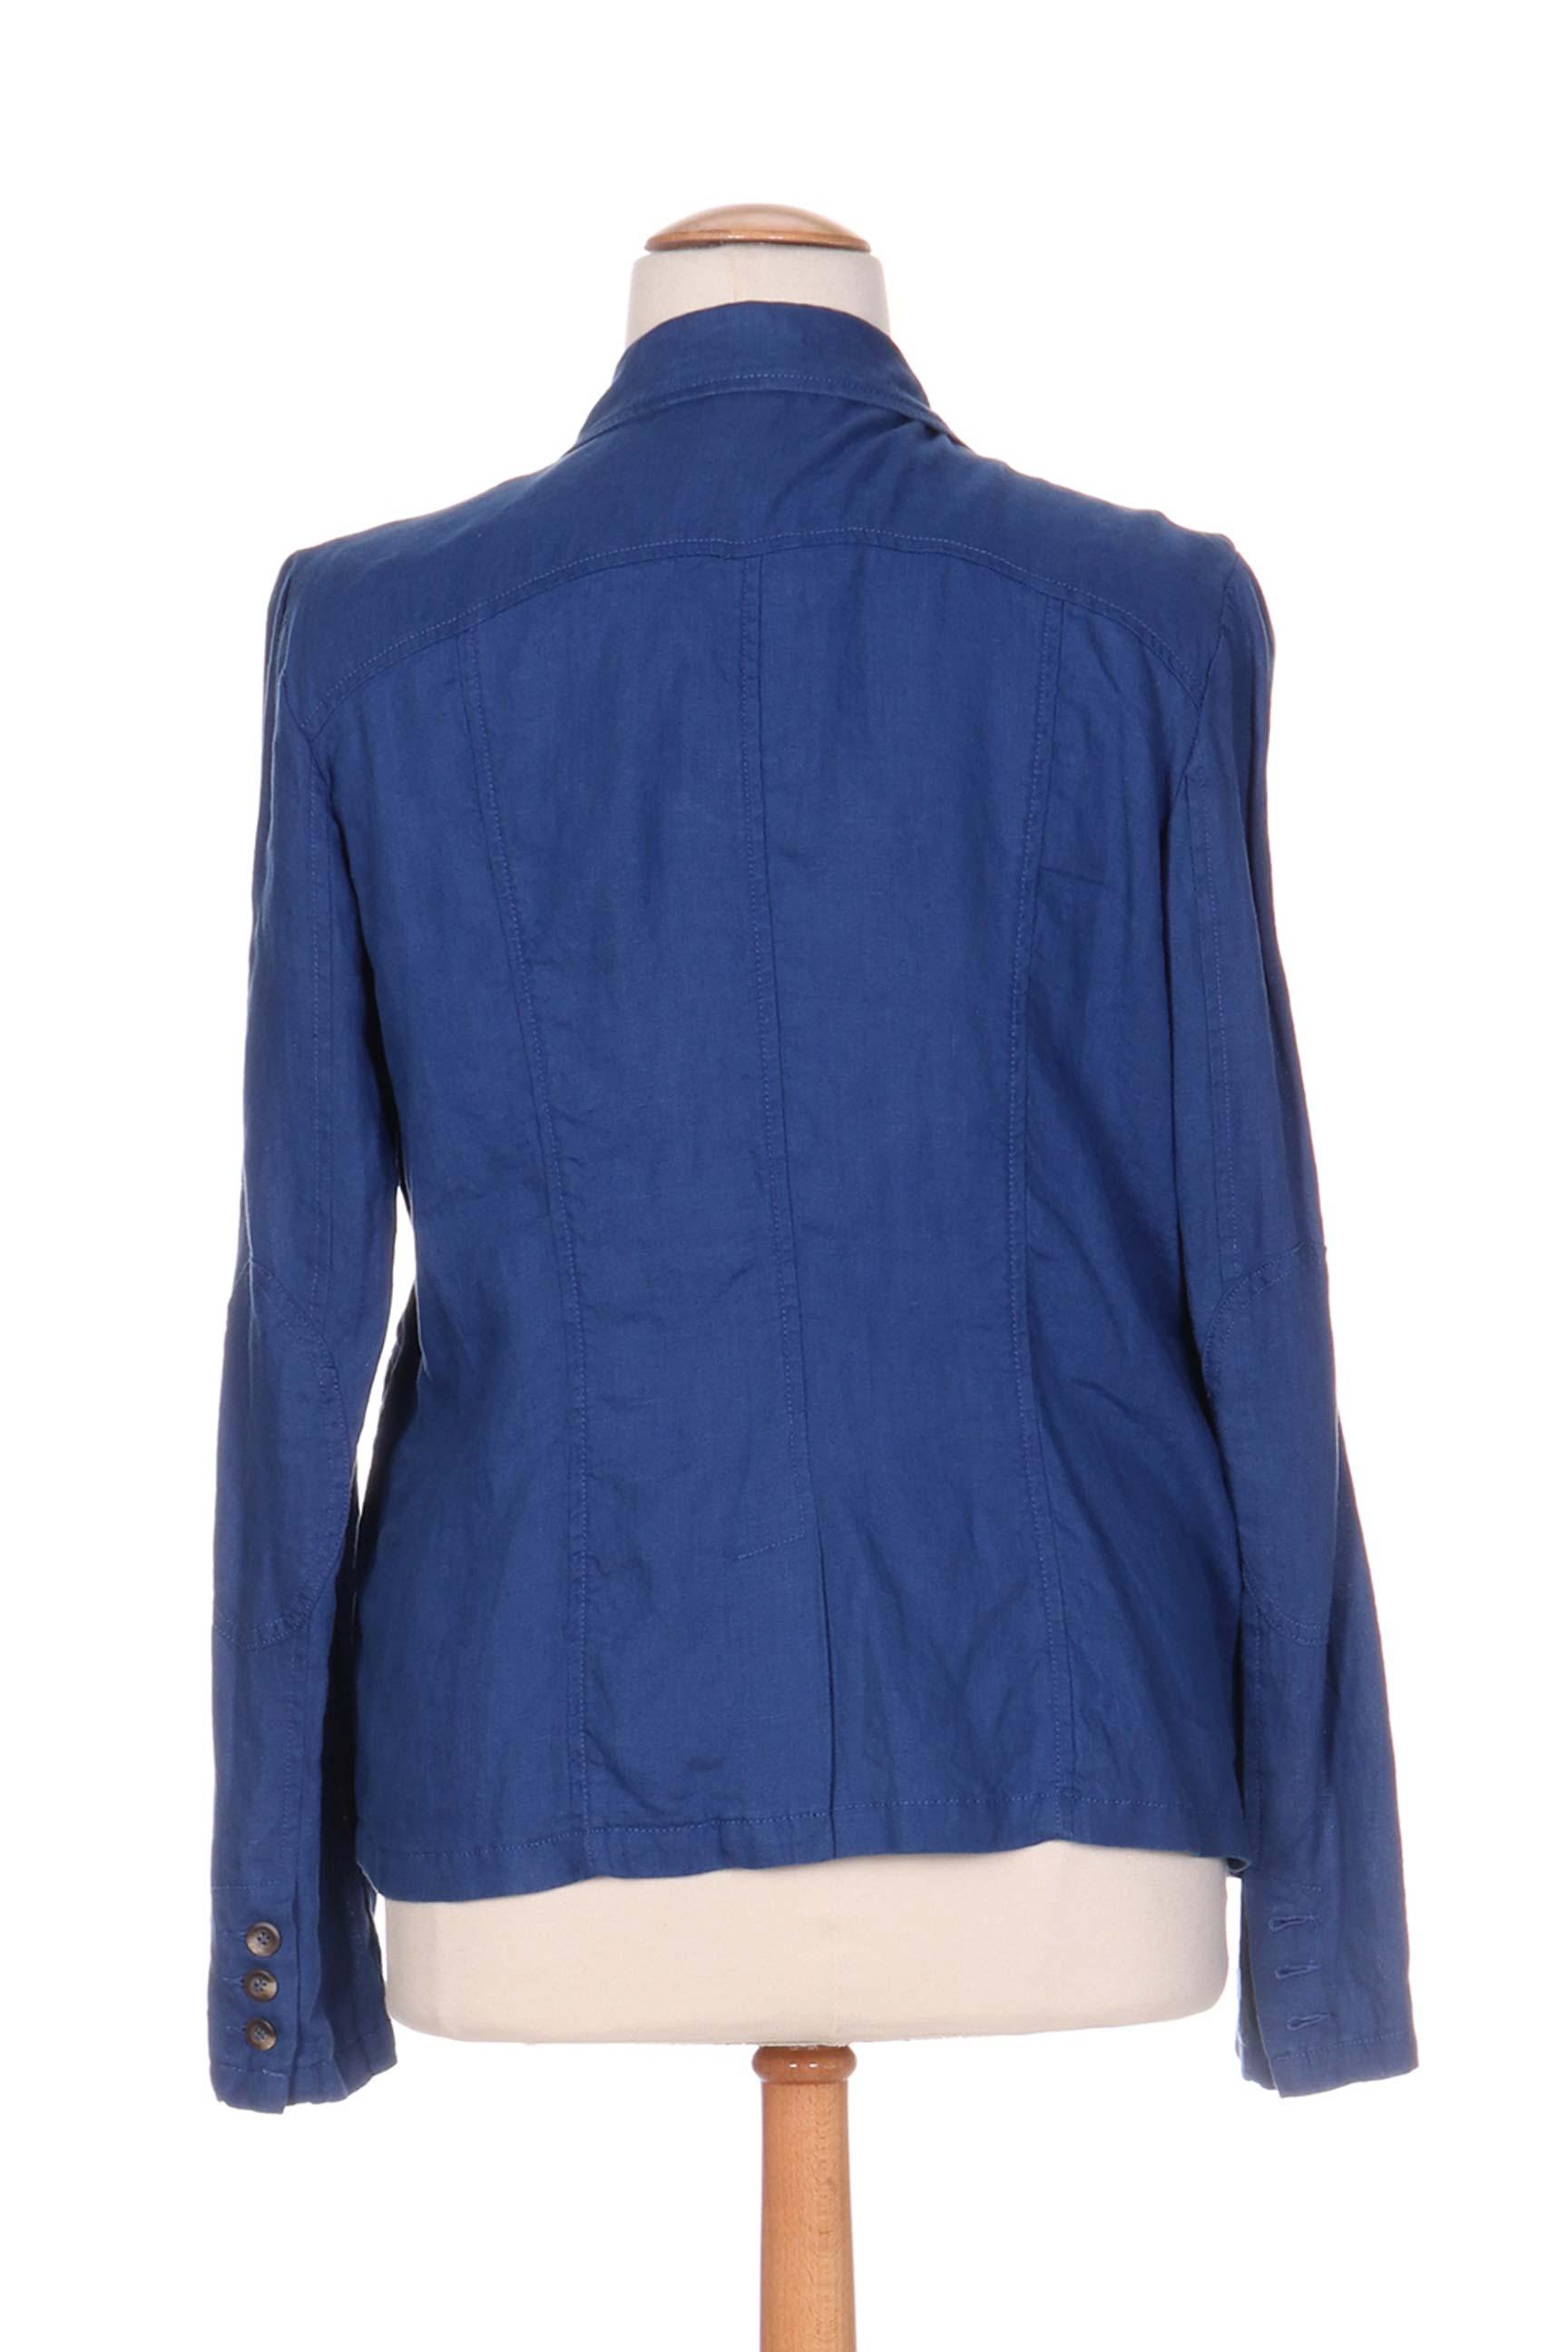 cher Diambre bleu Vestechic pas couleur soldes de Femme 1037199 en FqgvFTw